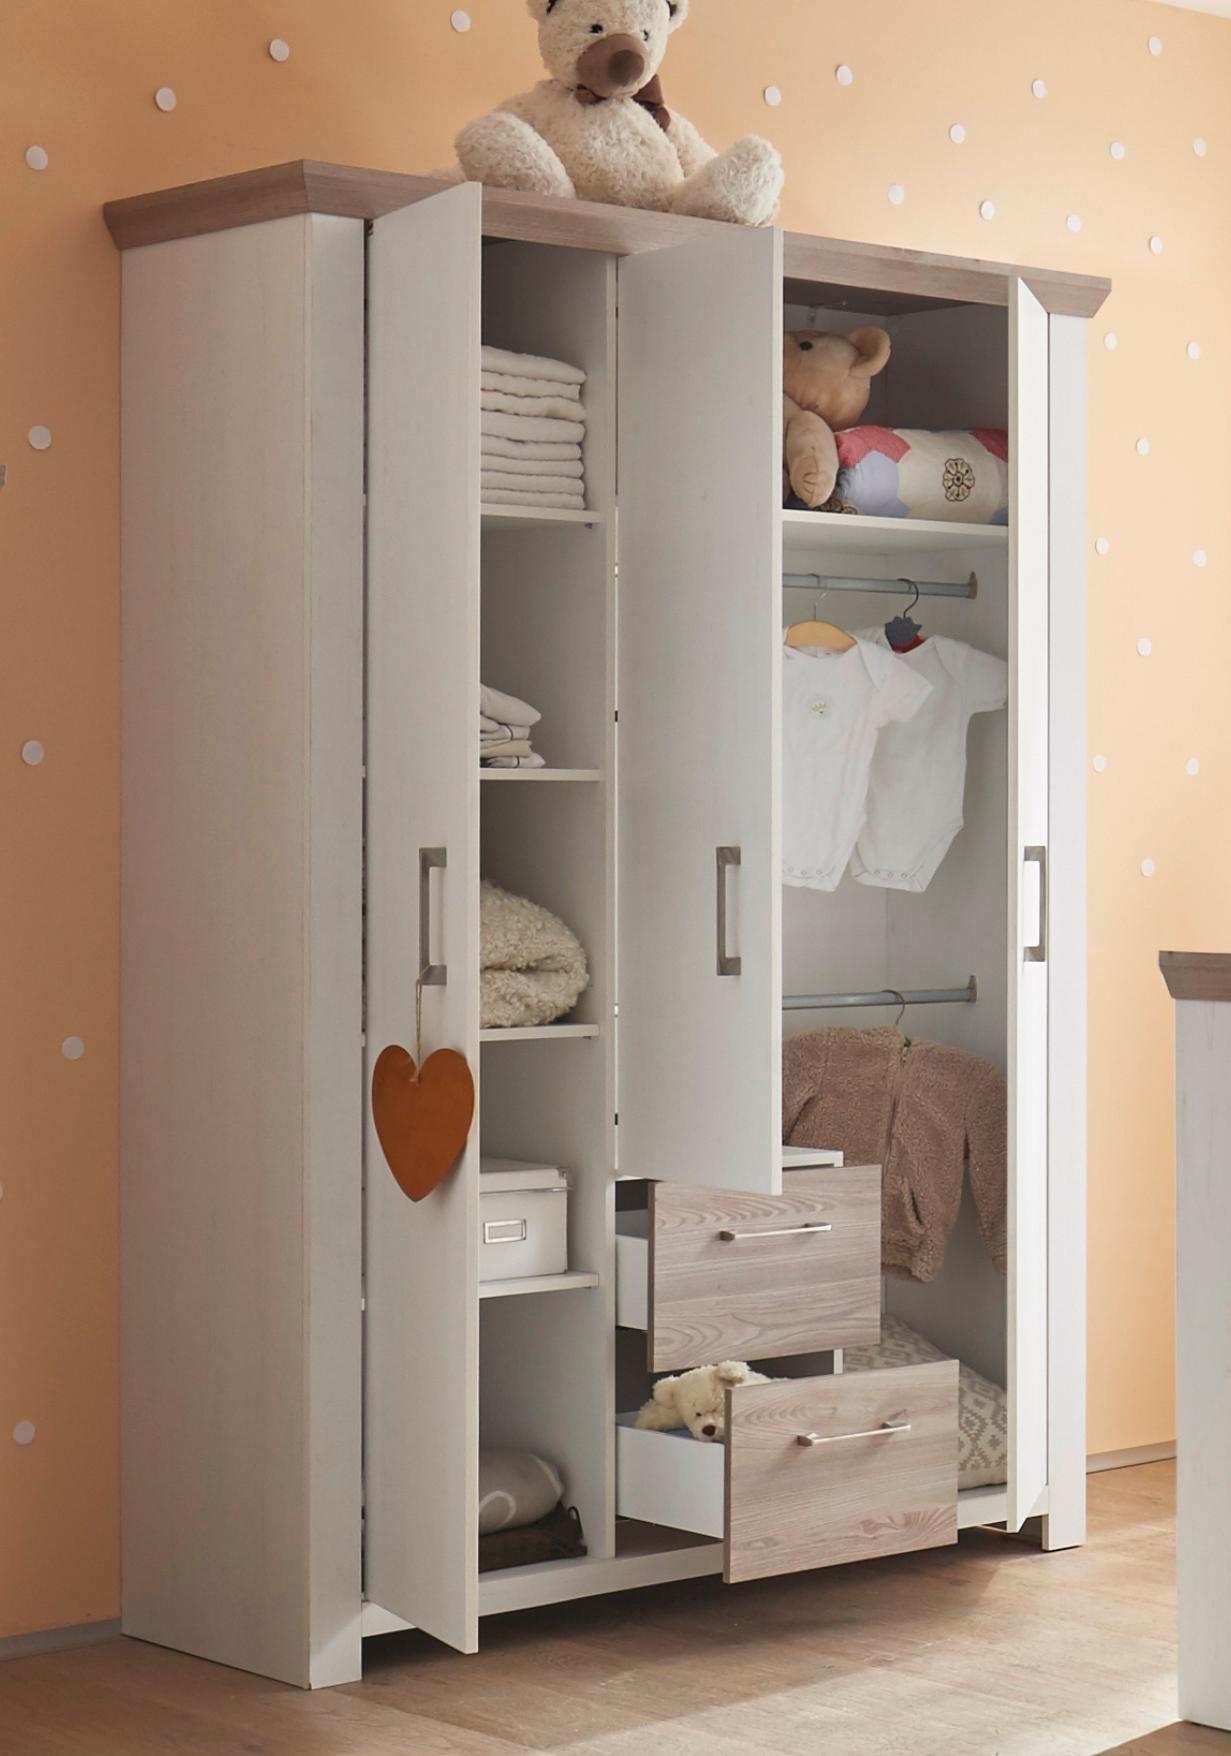 Complete Babykamer Stralsund Ledikant Commode Kledingkast 3 Delig In Imitatie Pine Wit